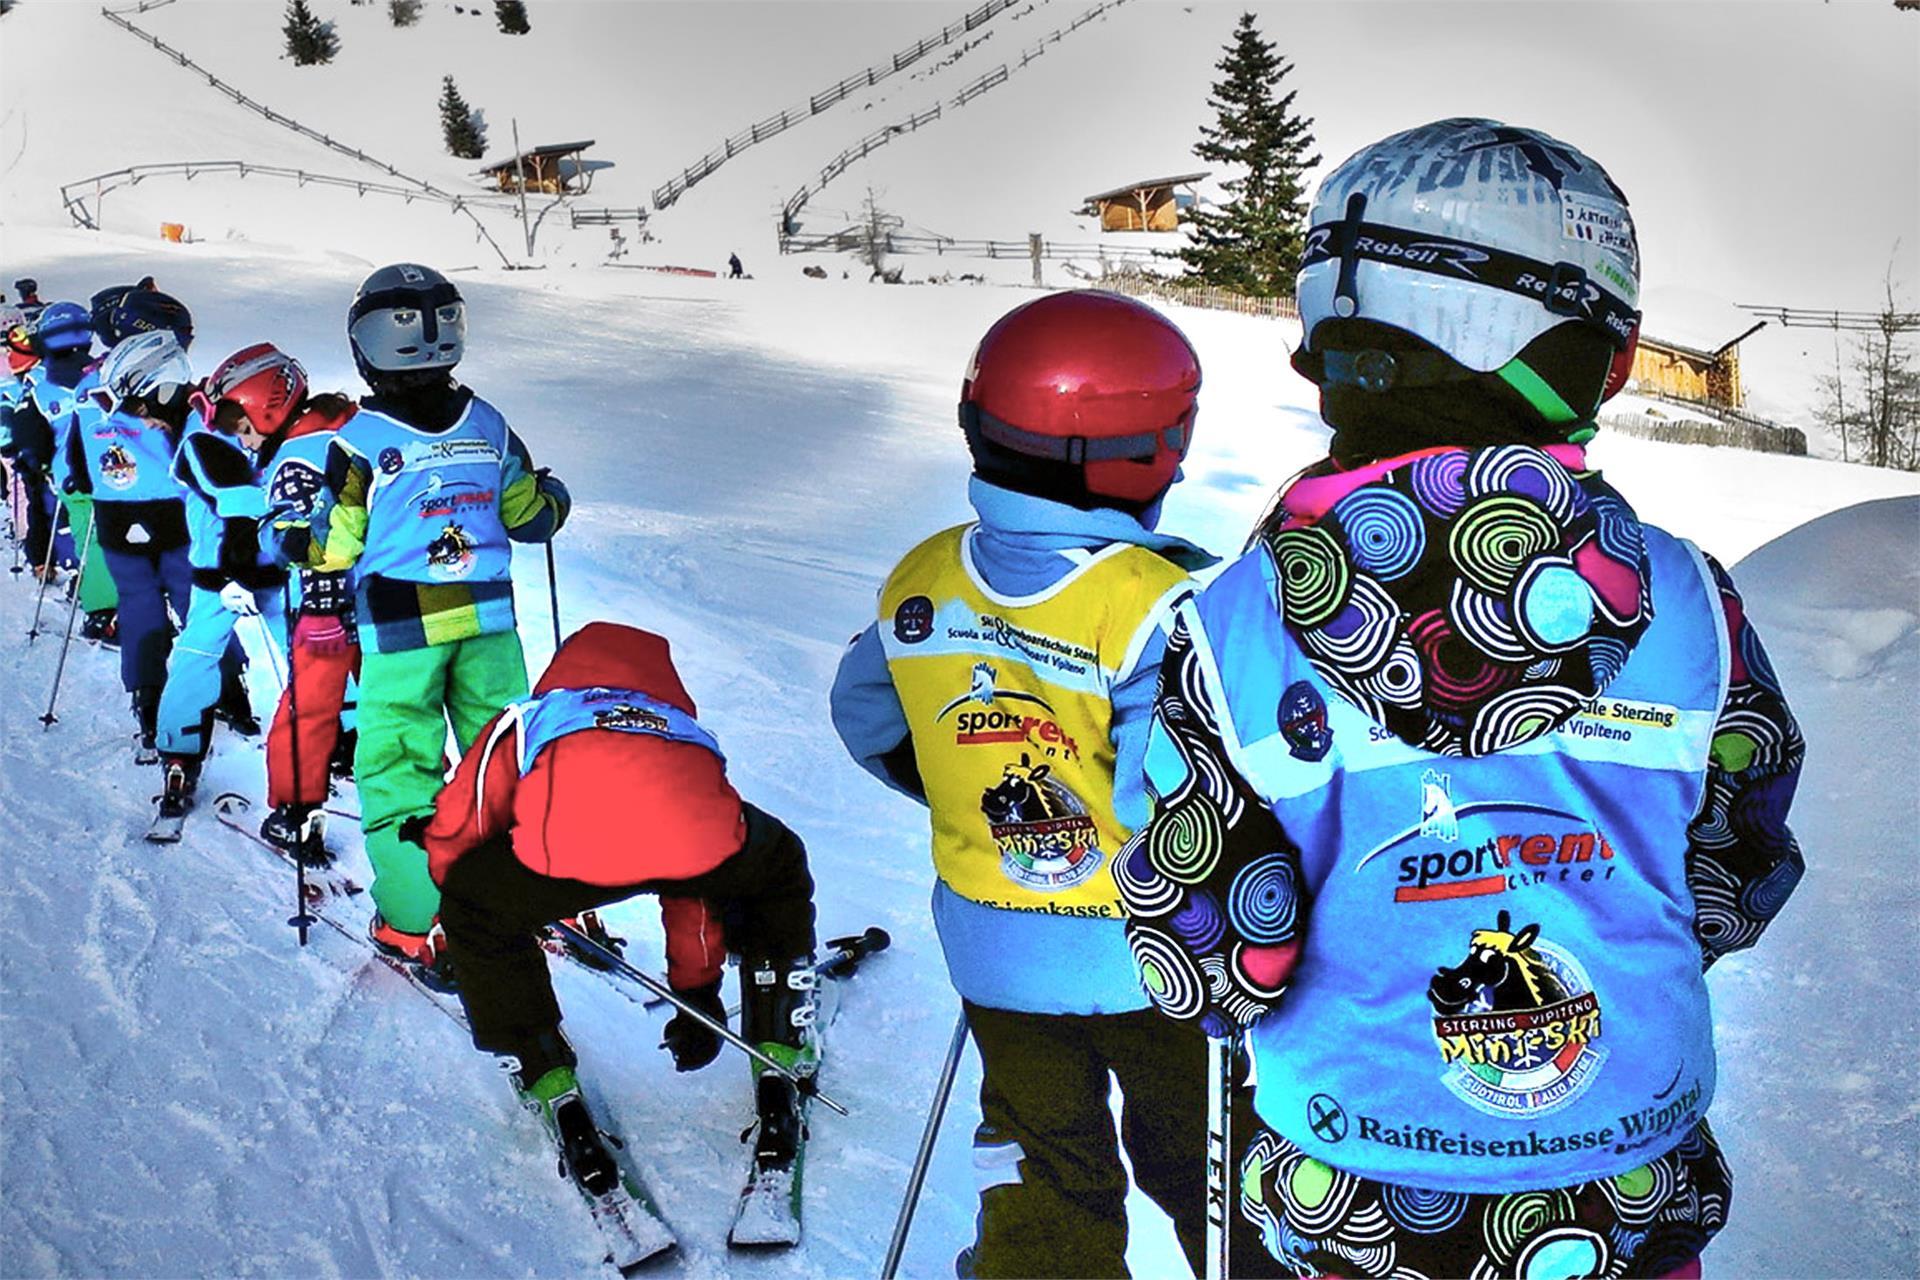 Skischule Sterzing